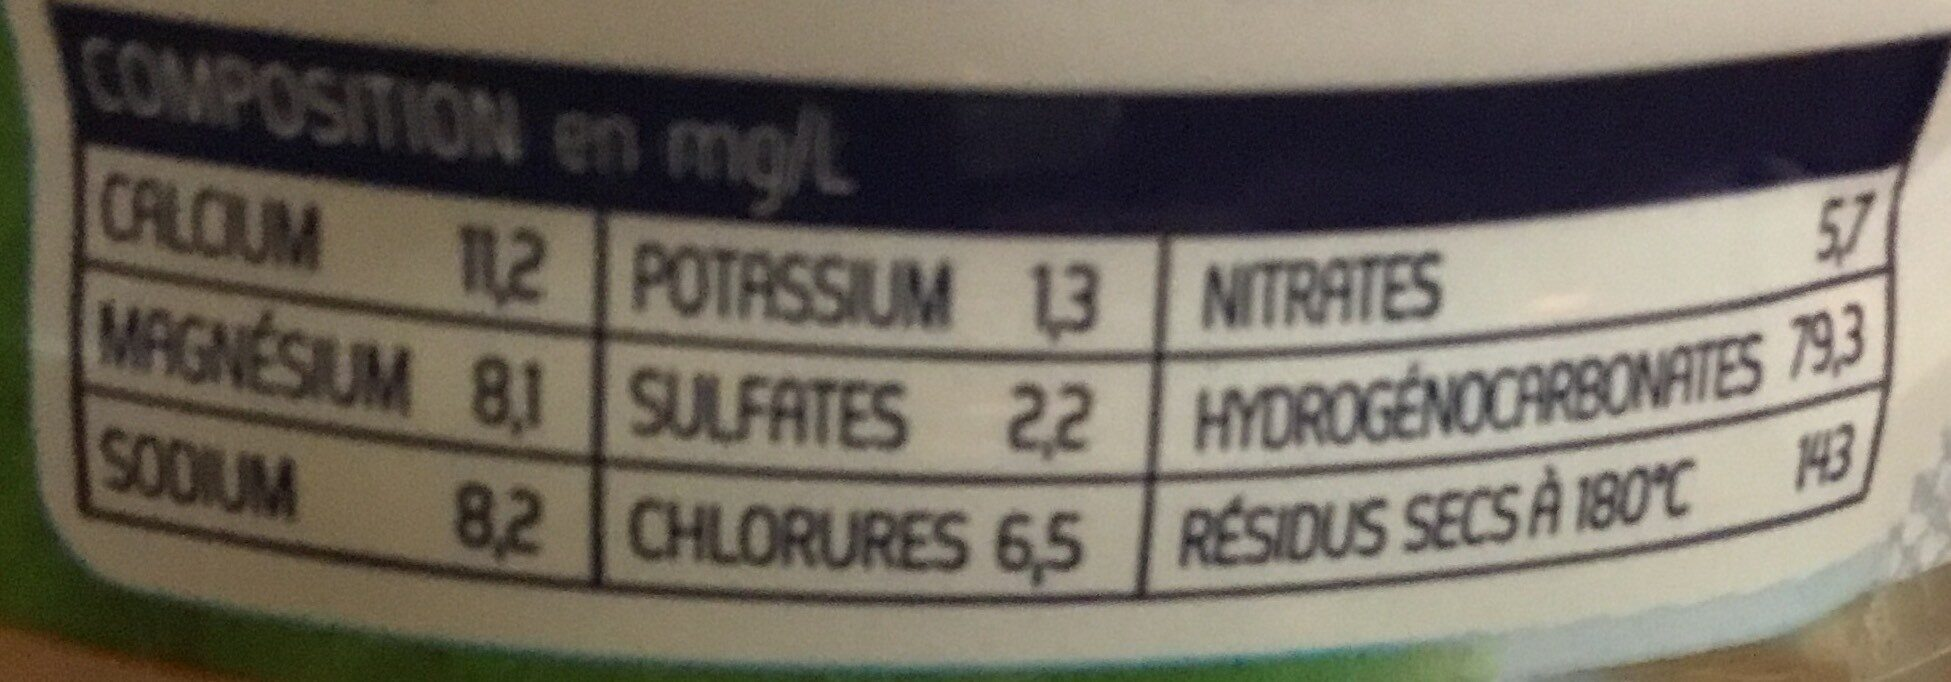 Eau de sources naturel 1,5L - Informations nutritionnelles